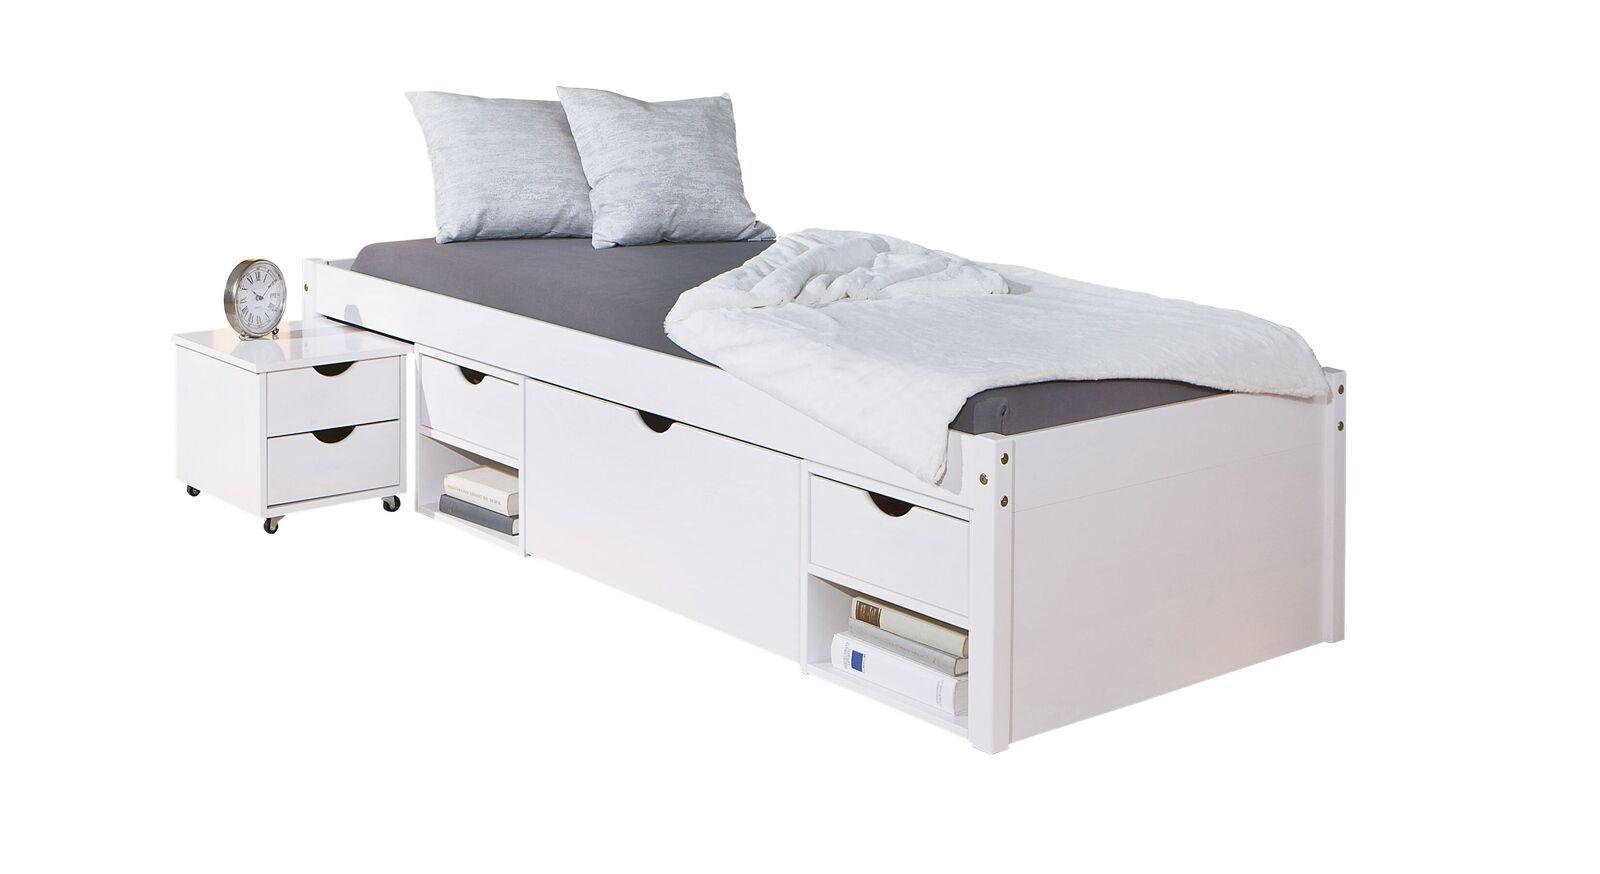 Schubkasten-Einzelbett Göteborg inklusive Nachttisch